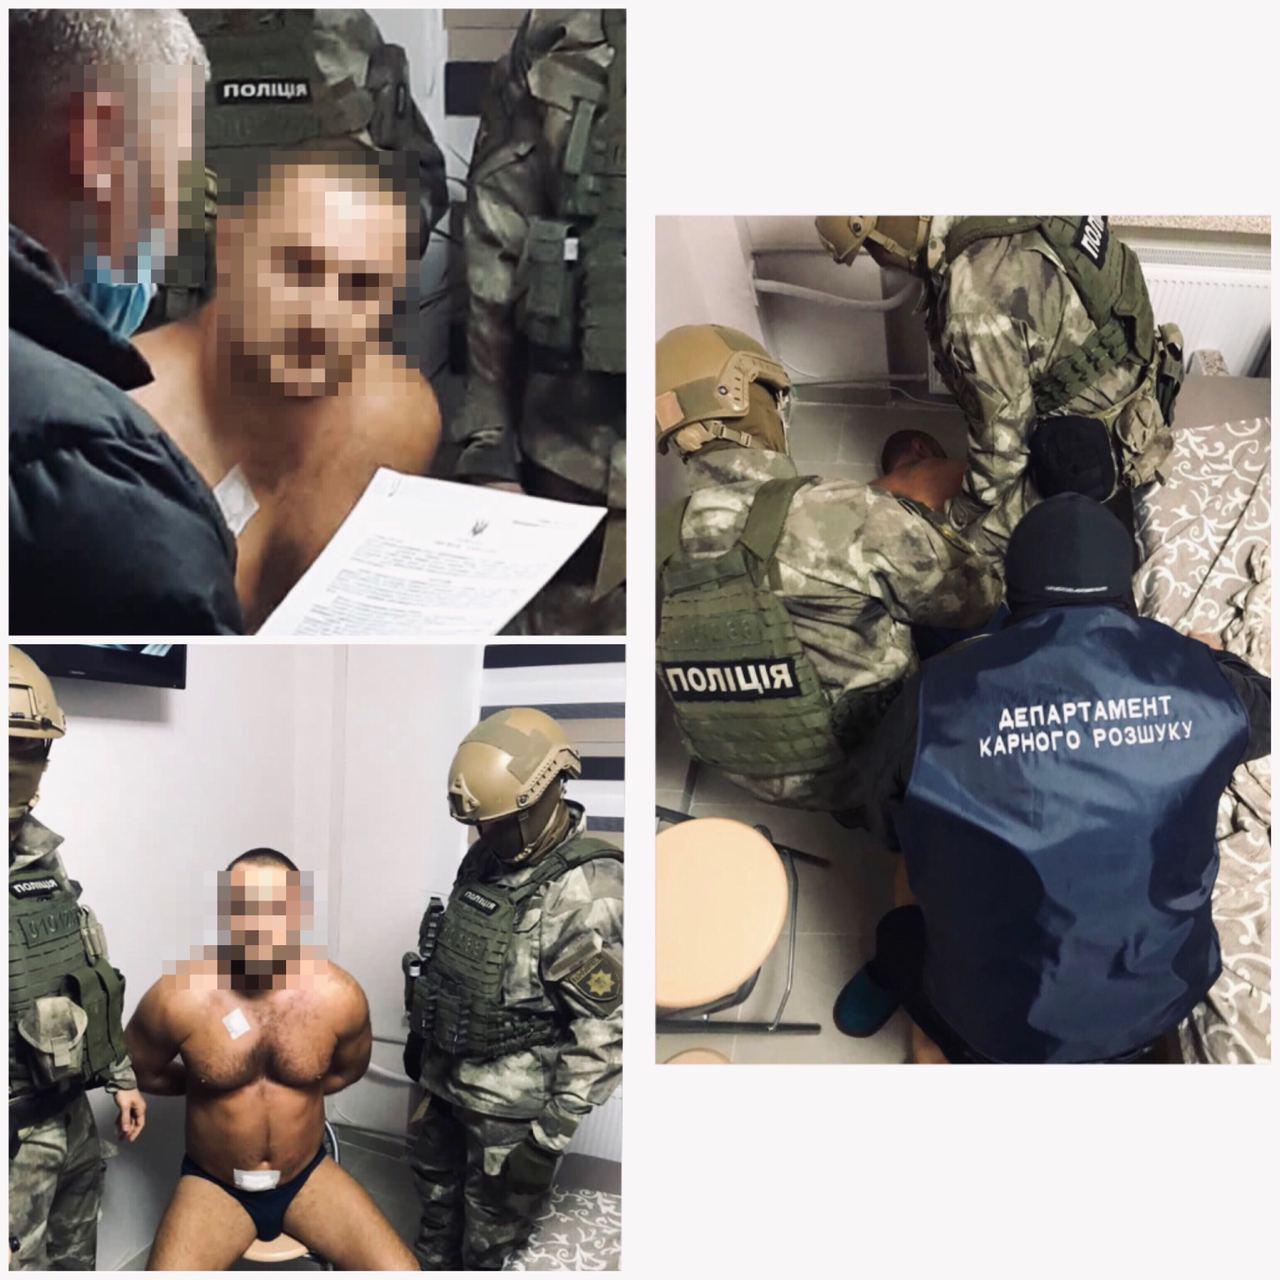 Переоделись в полицейских: под Сумами напали на кандидата в депутаты и его жену